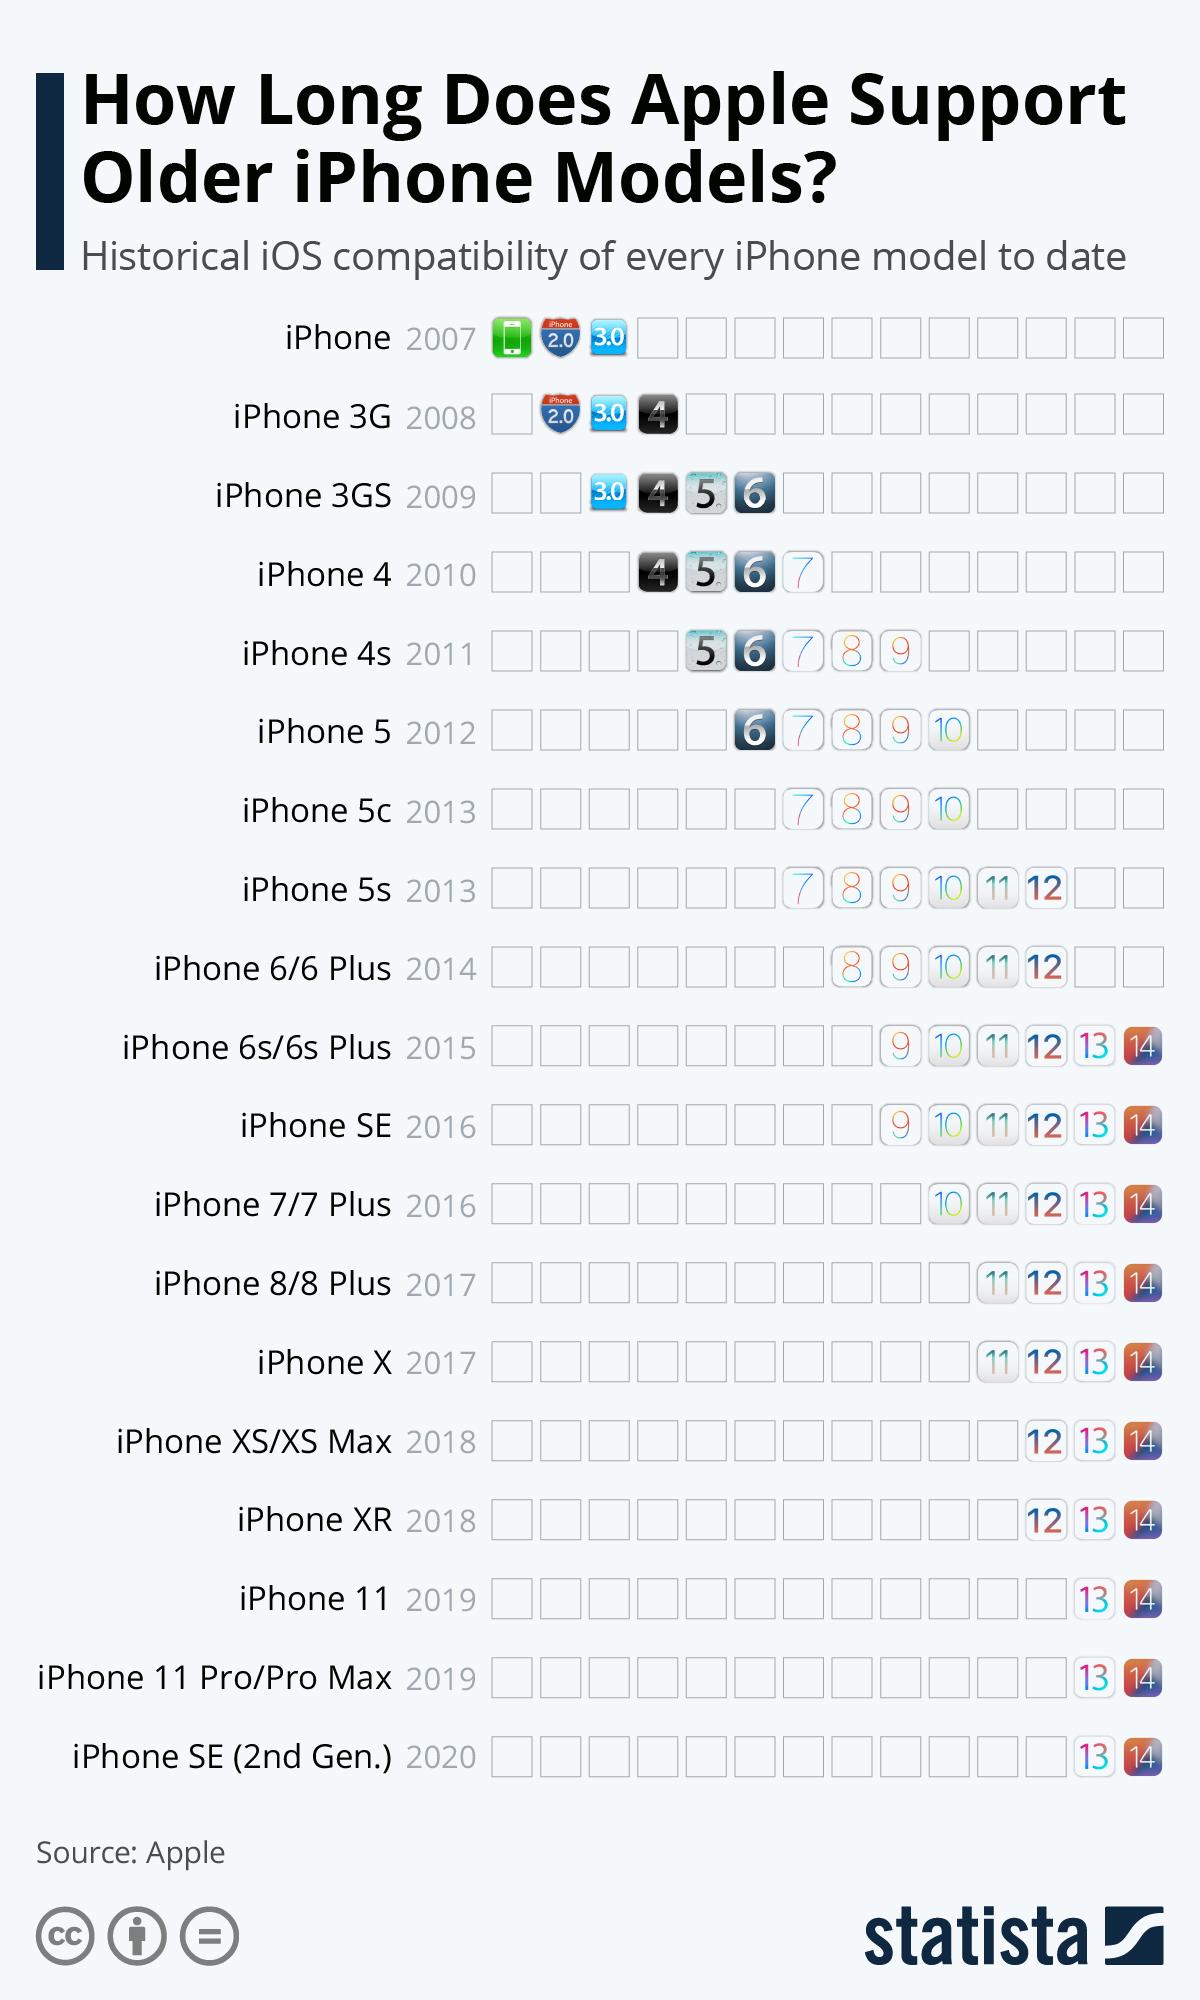 Så længe opdateres iPhones